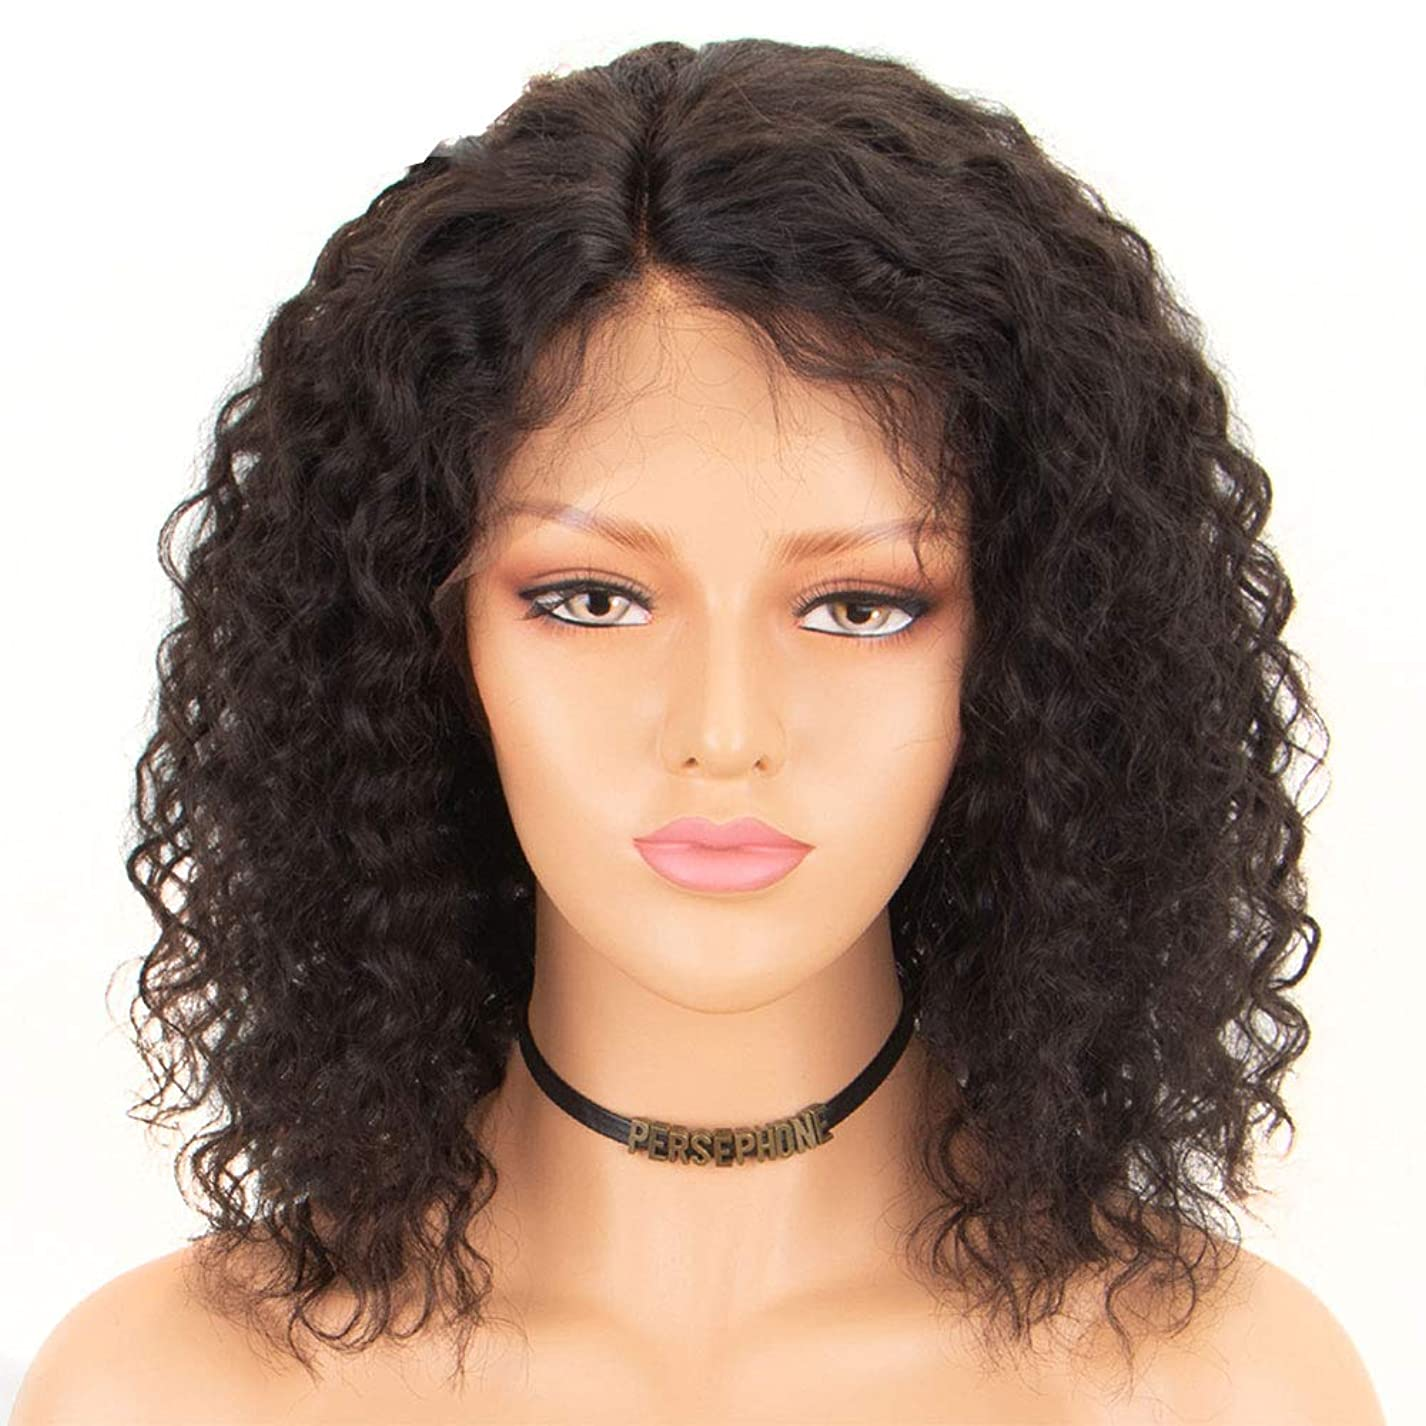 懇願するヒューマニスティック祝福する黒人女性100%人毛カーリー360レース前頭かつらブラジルのremy毛360レースかつらフルエ付きベビーヘアー14インチ